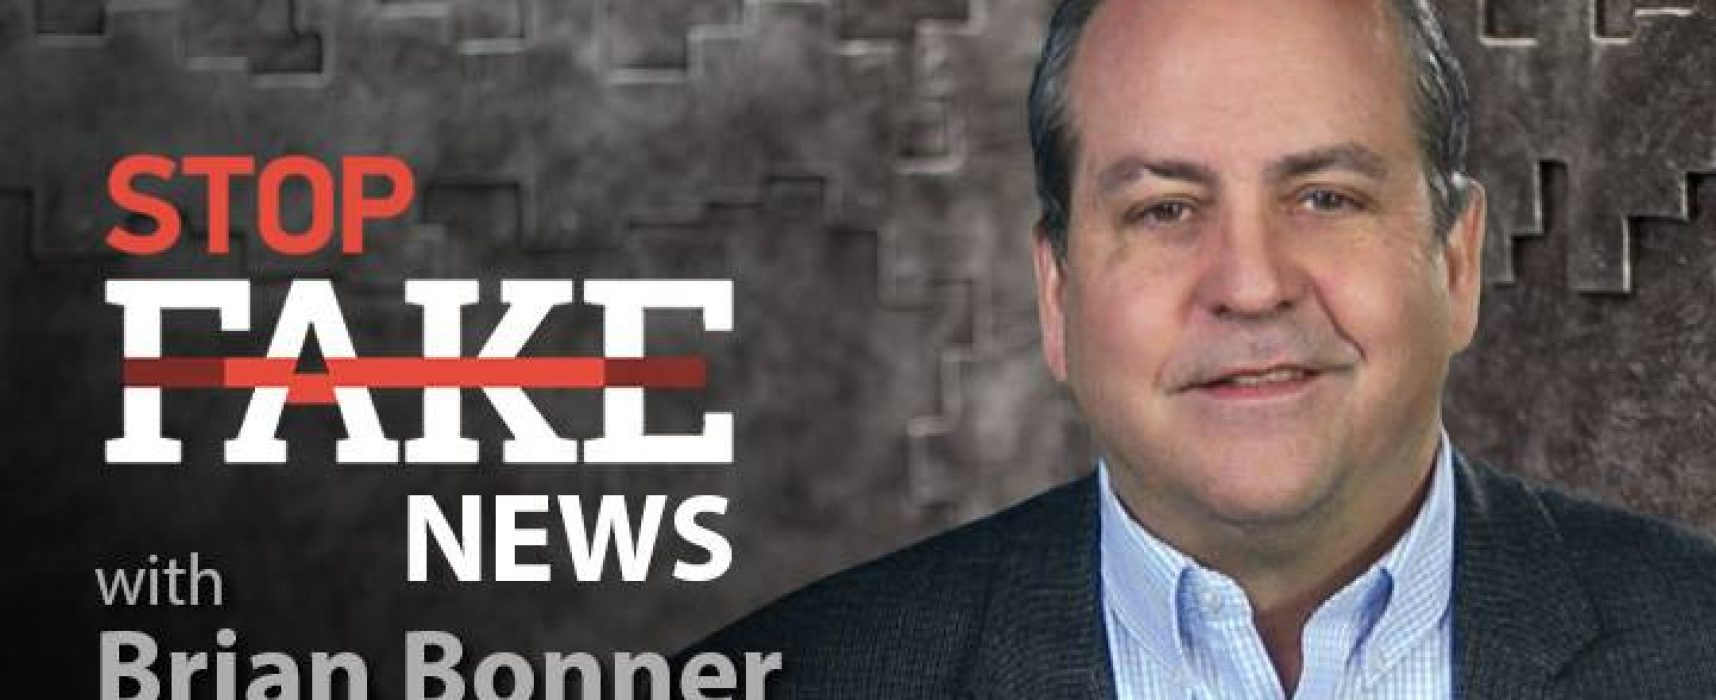 StopFakeNews #112 [ENG] with Brian Bonner